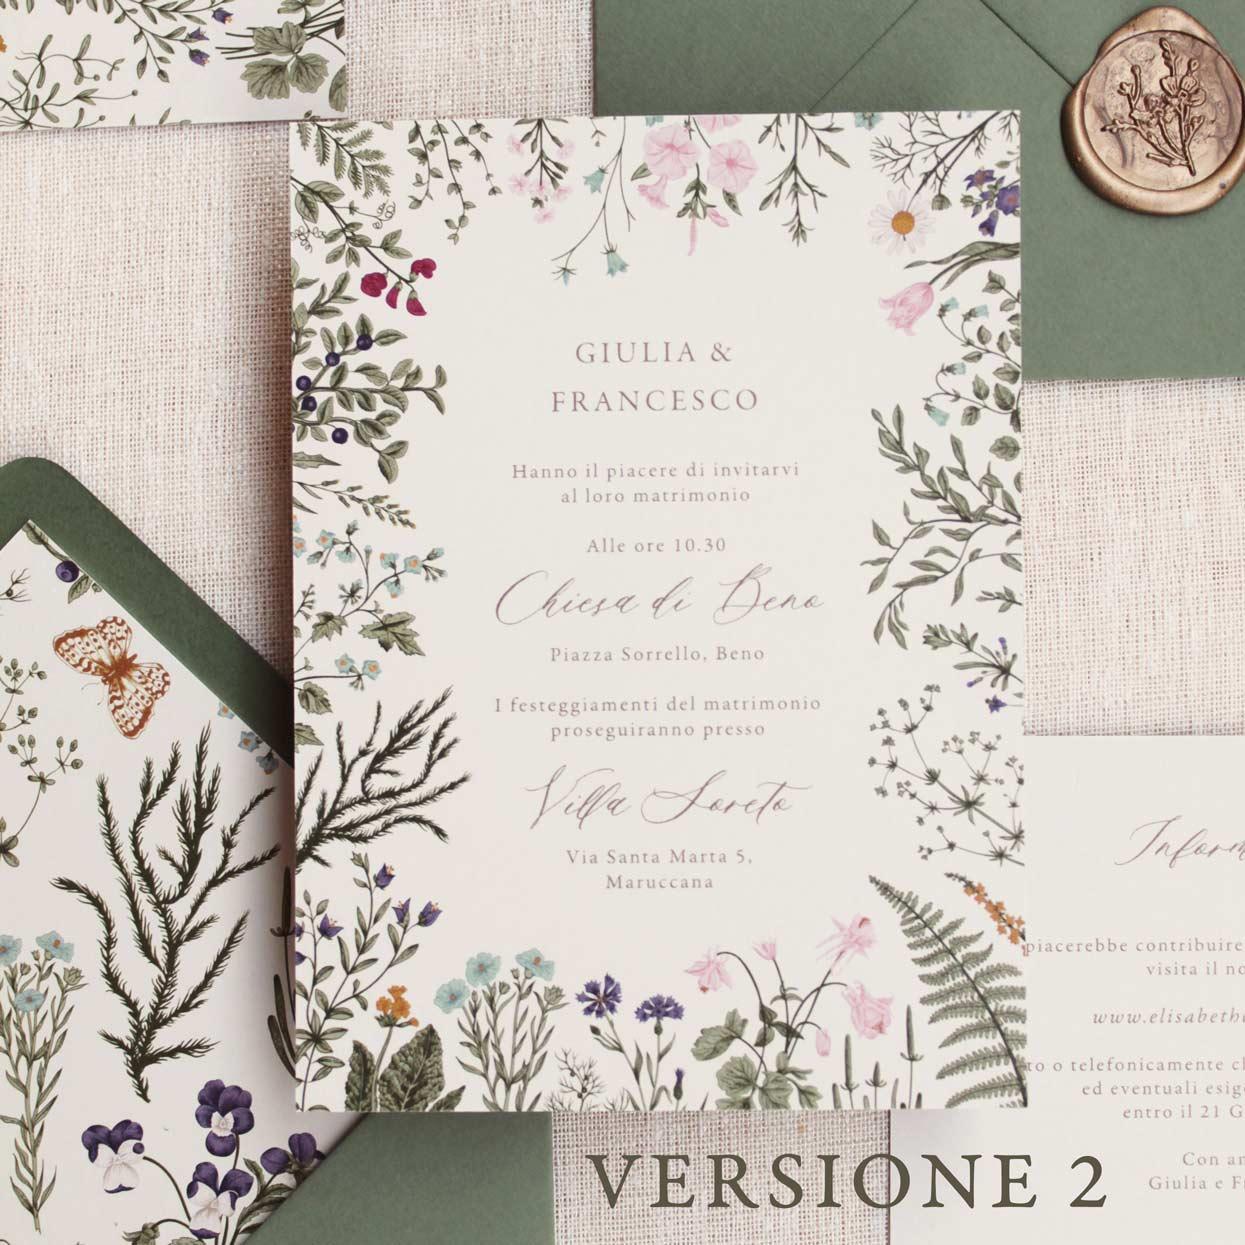 Partecipazioni-invito-nozze-matrimonio-fiori-verde-ulivo-margherite-flower-wedding-Invito-2